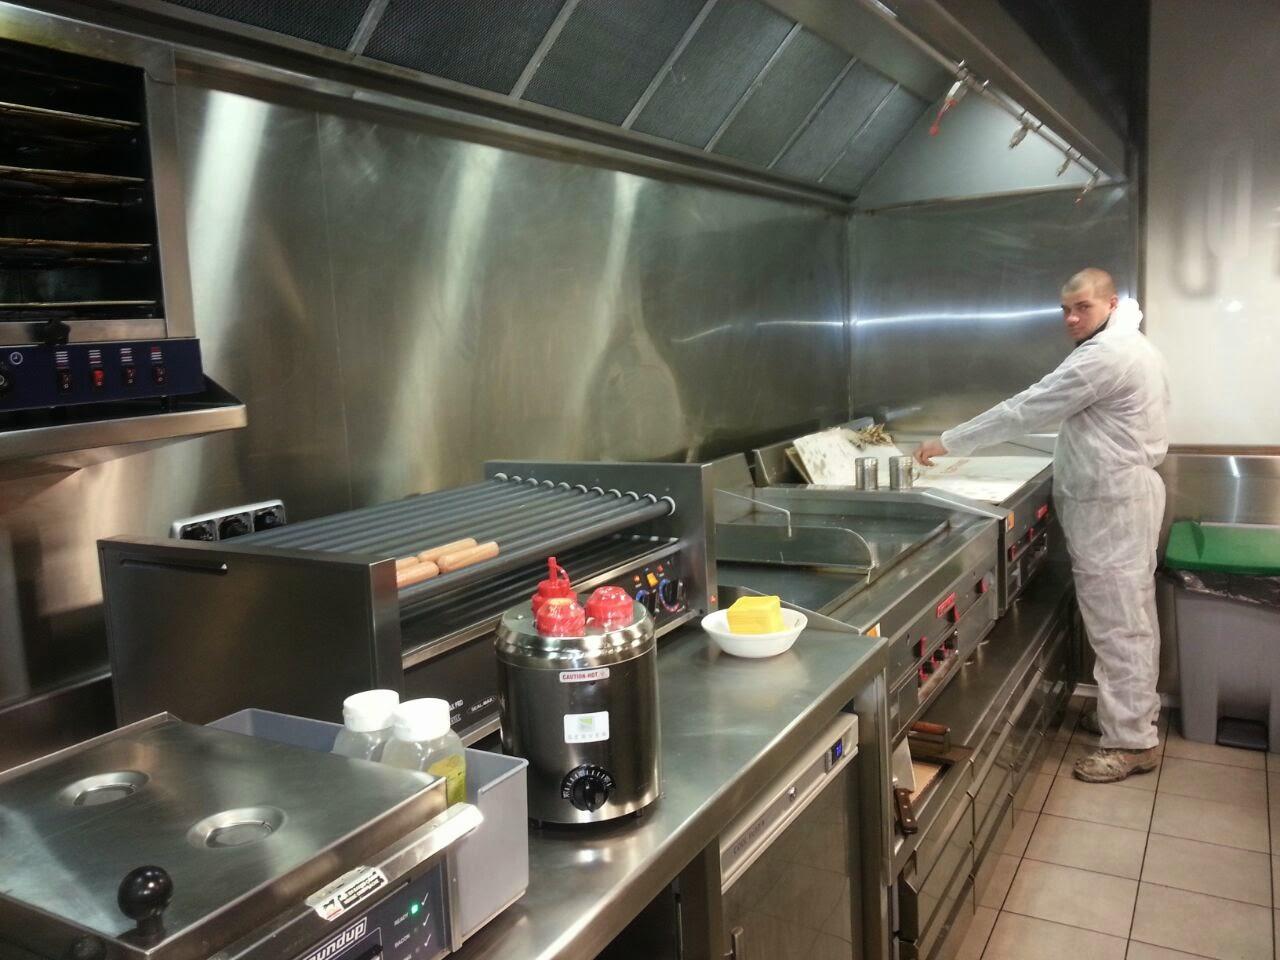 montadores campanas de extracción en cocinas industriales